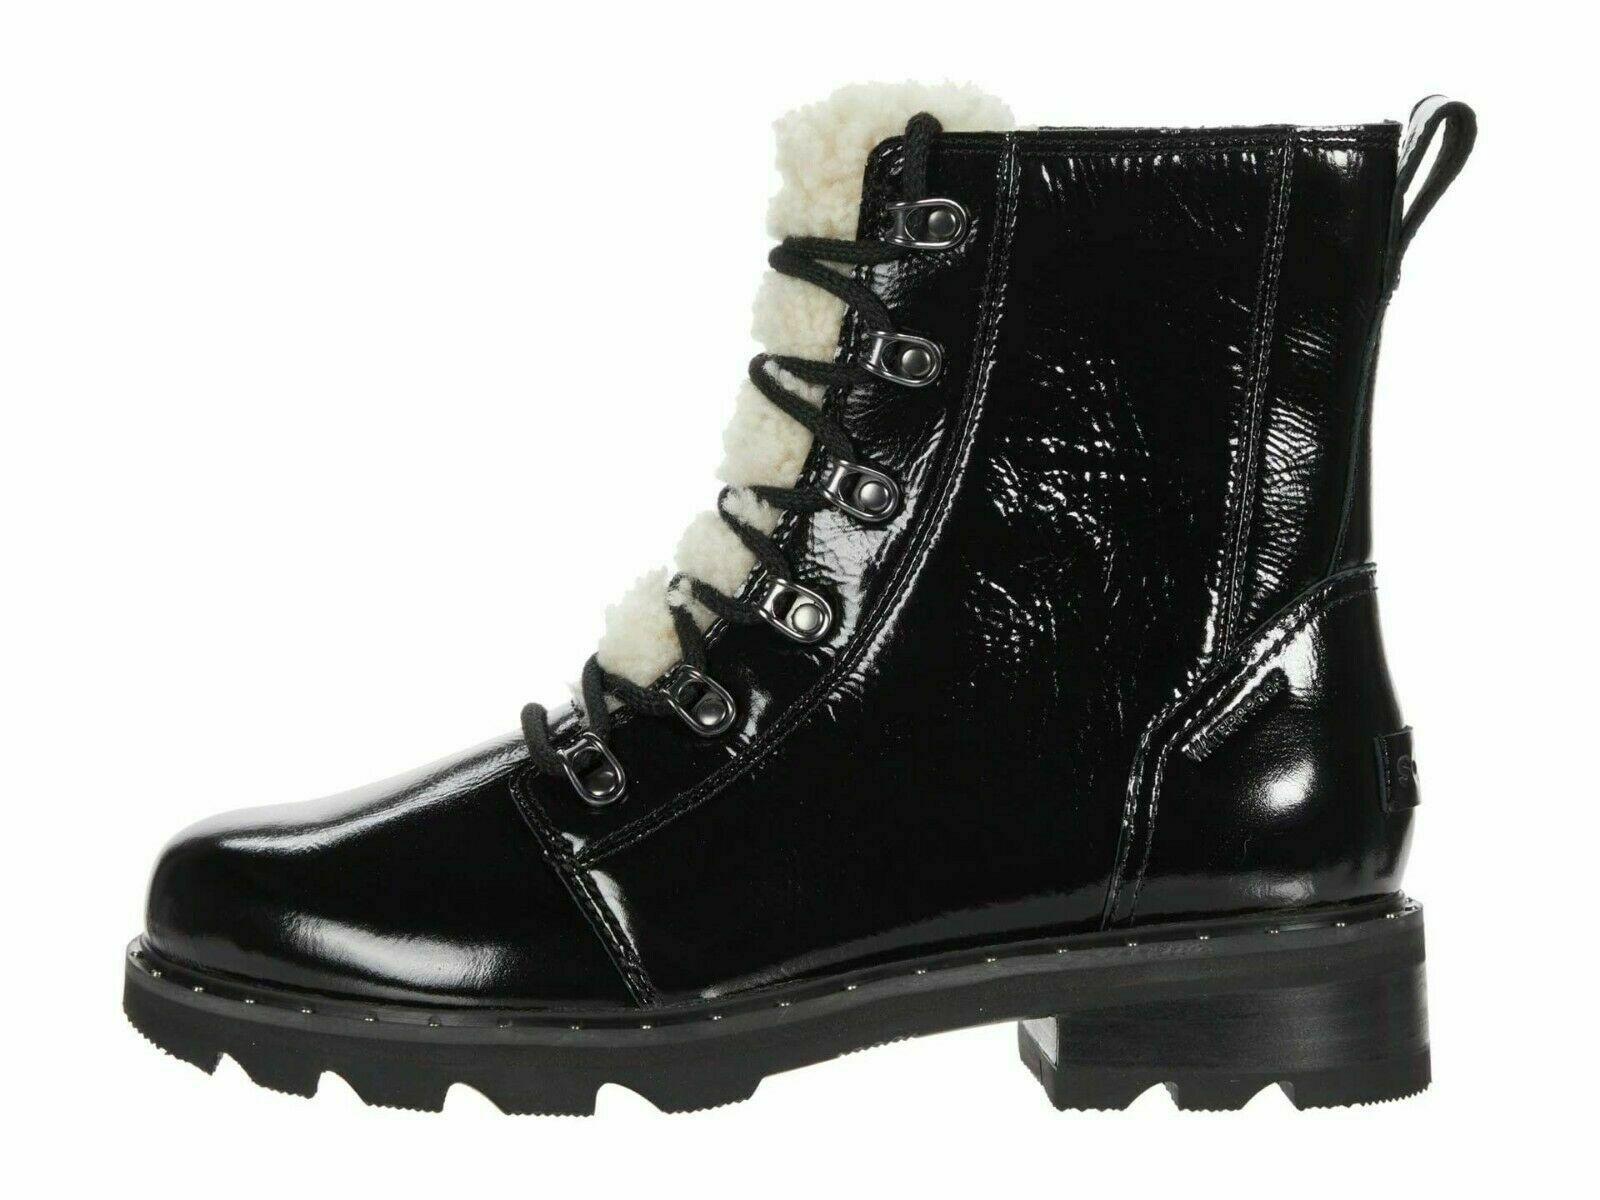 Sorel Lennox Lace Cozy Black Patent Women's Winter Boots 1929861010 - $179.00